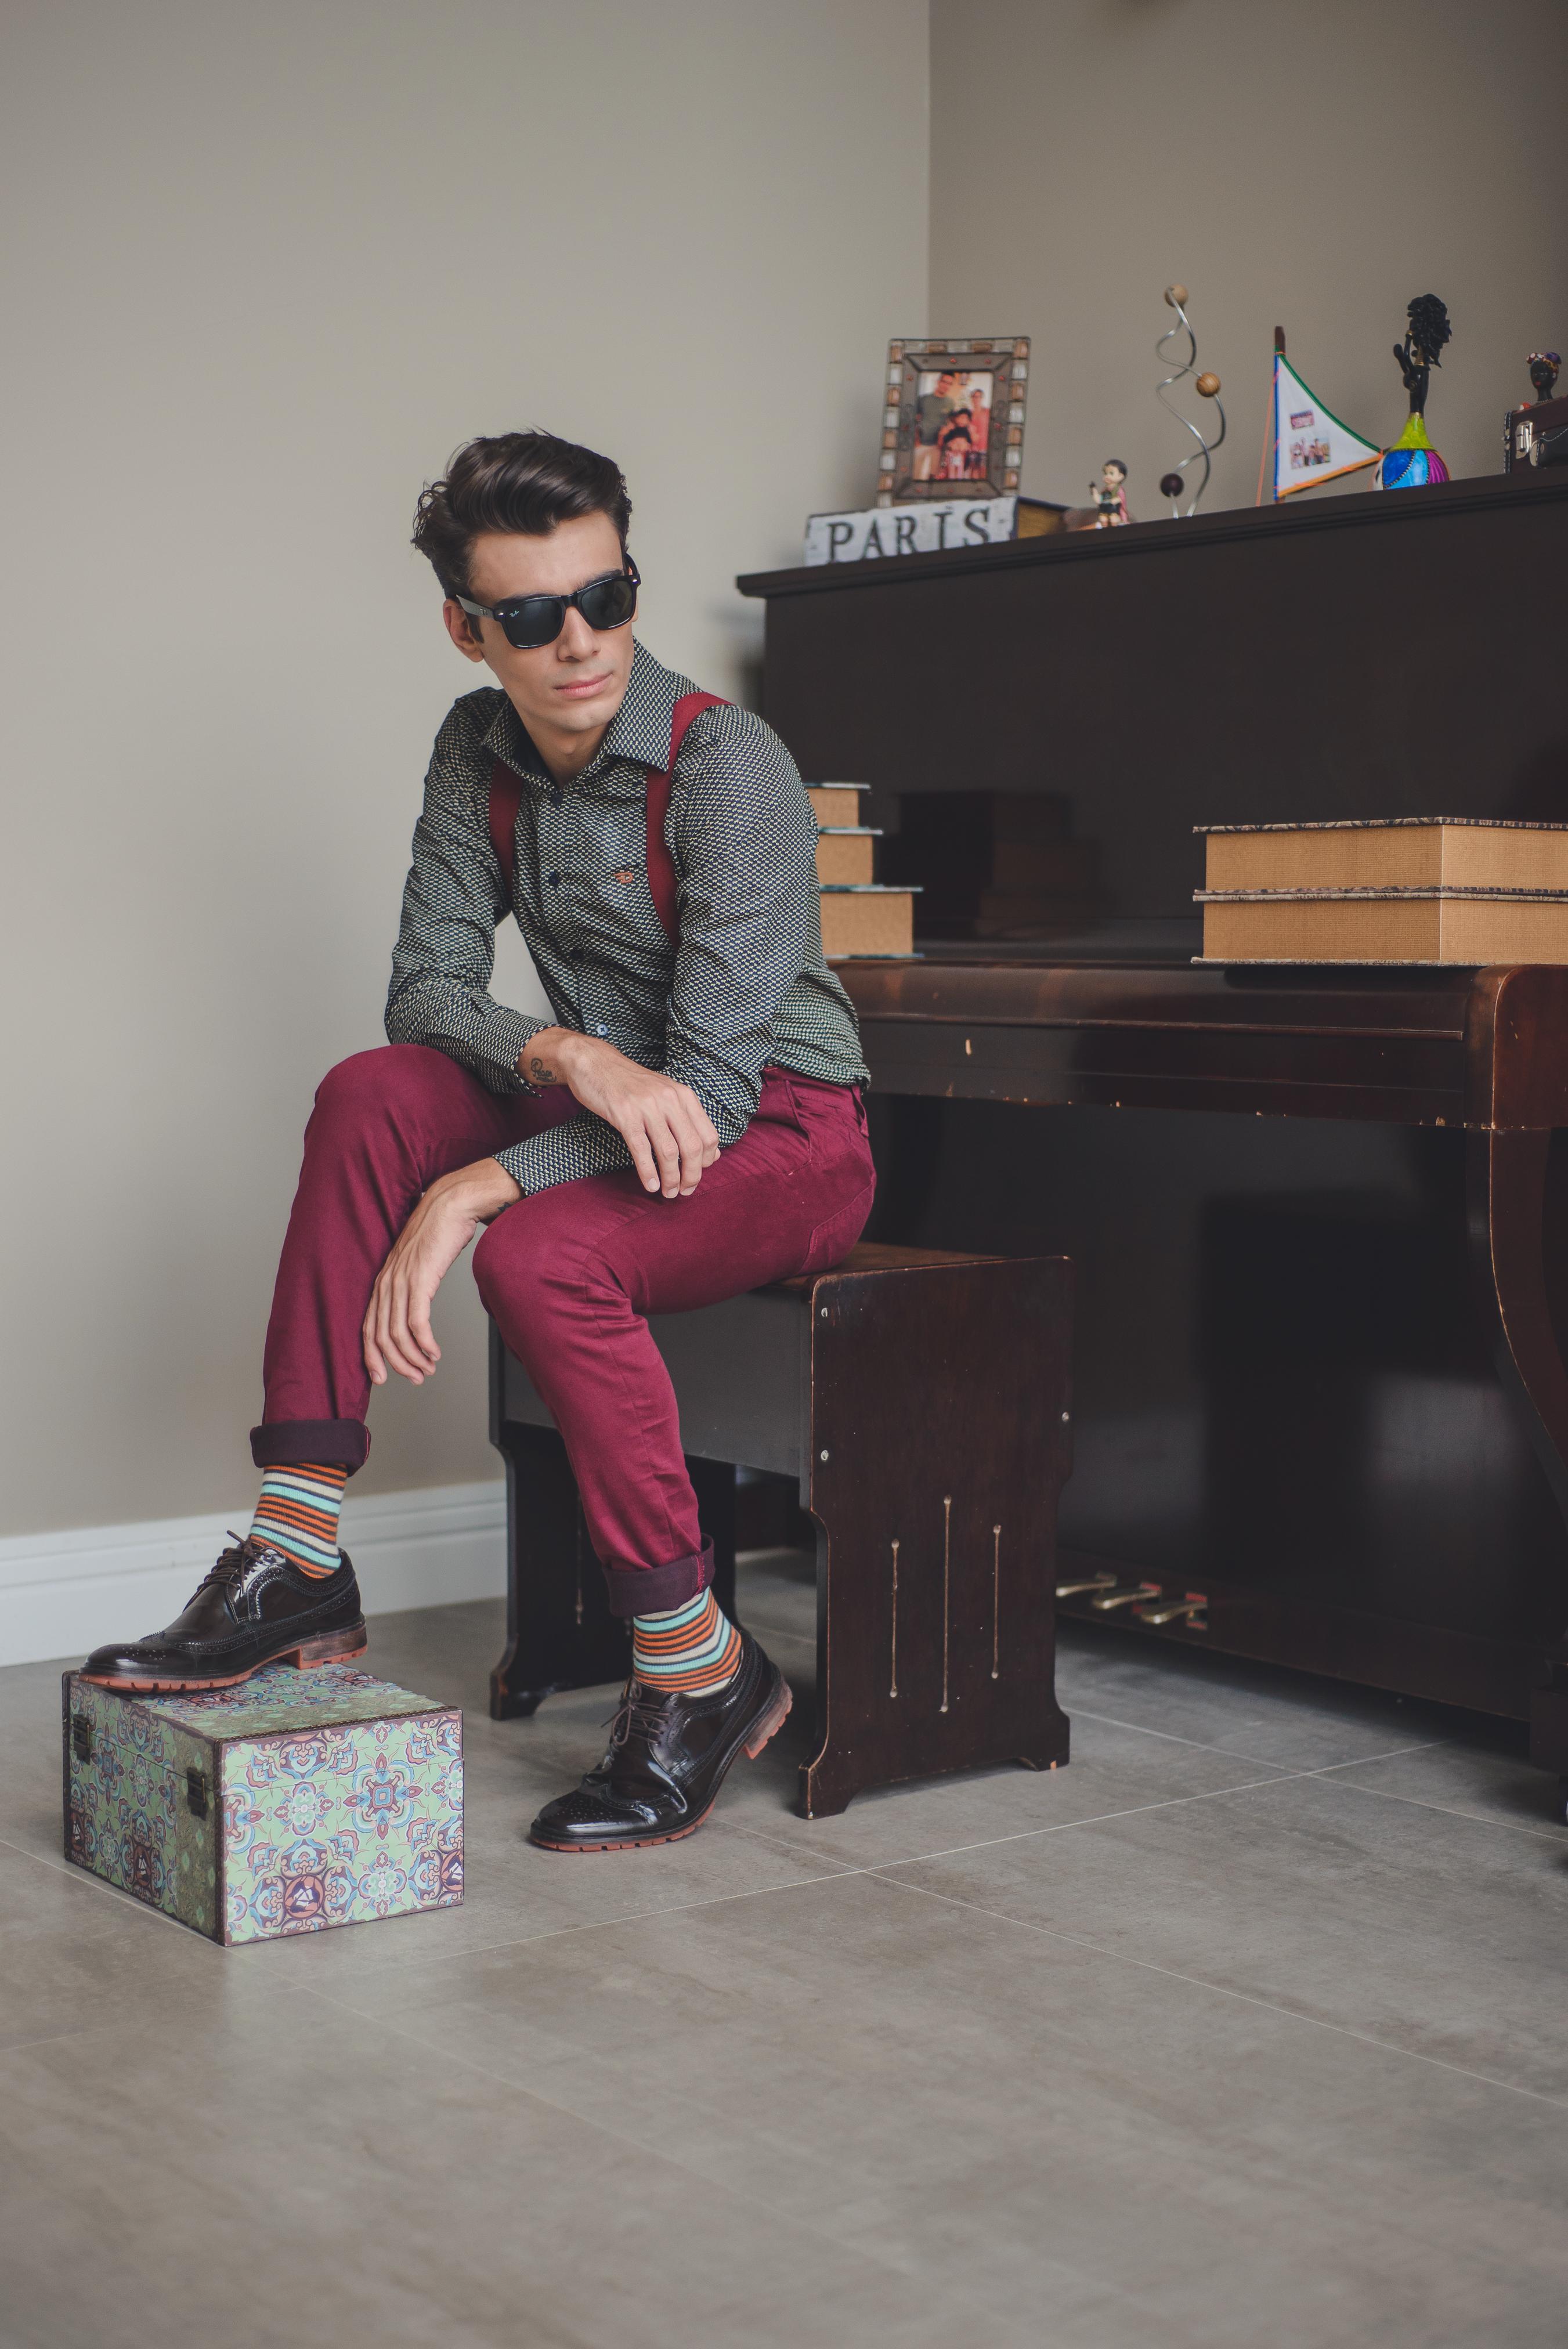 alex-cursino-youtuber-blogger-fashion-blogger-ootd-moda-classica-suspensorio-masculino-como-usar-suspensorio-rafaella-santiago-matheus-komatsu-editorial-de-moda-menswear-dicas-de-moda-6